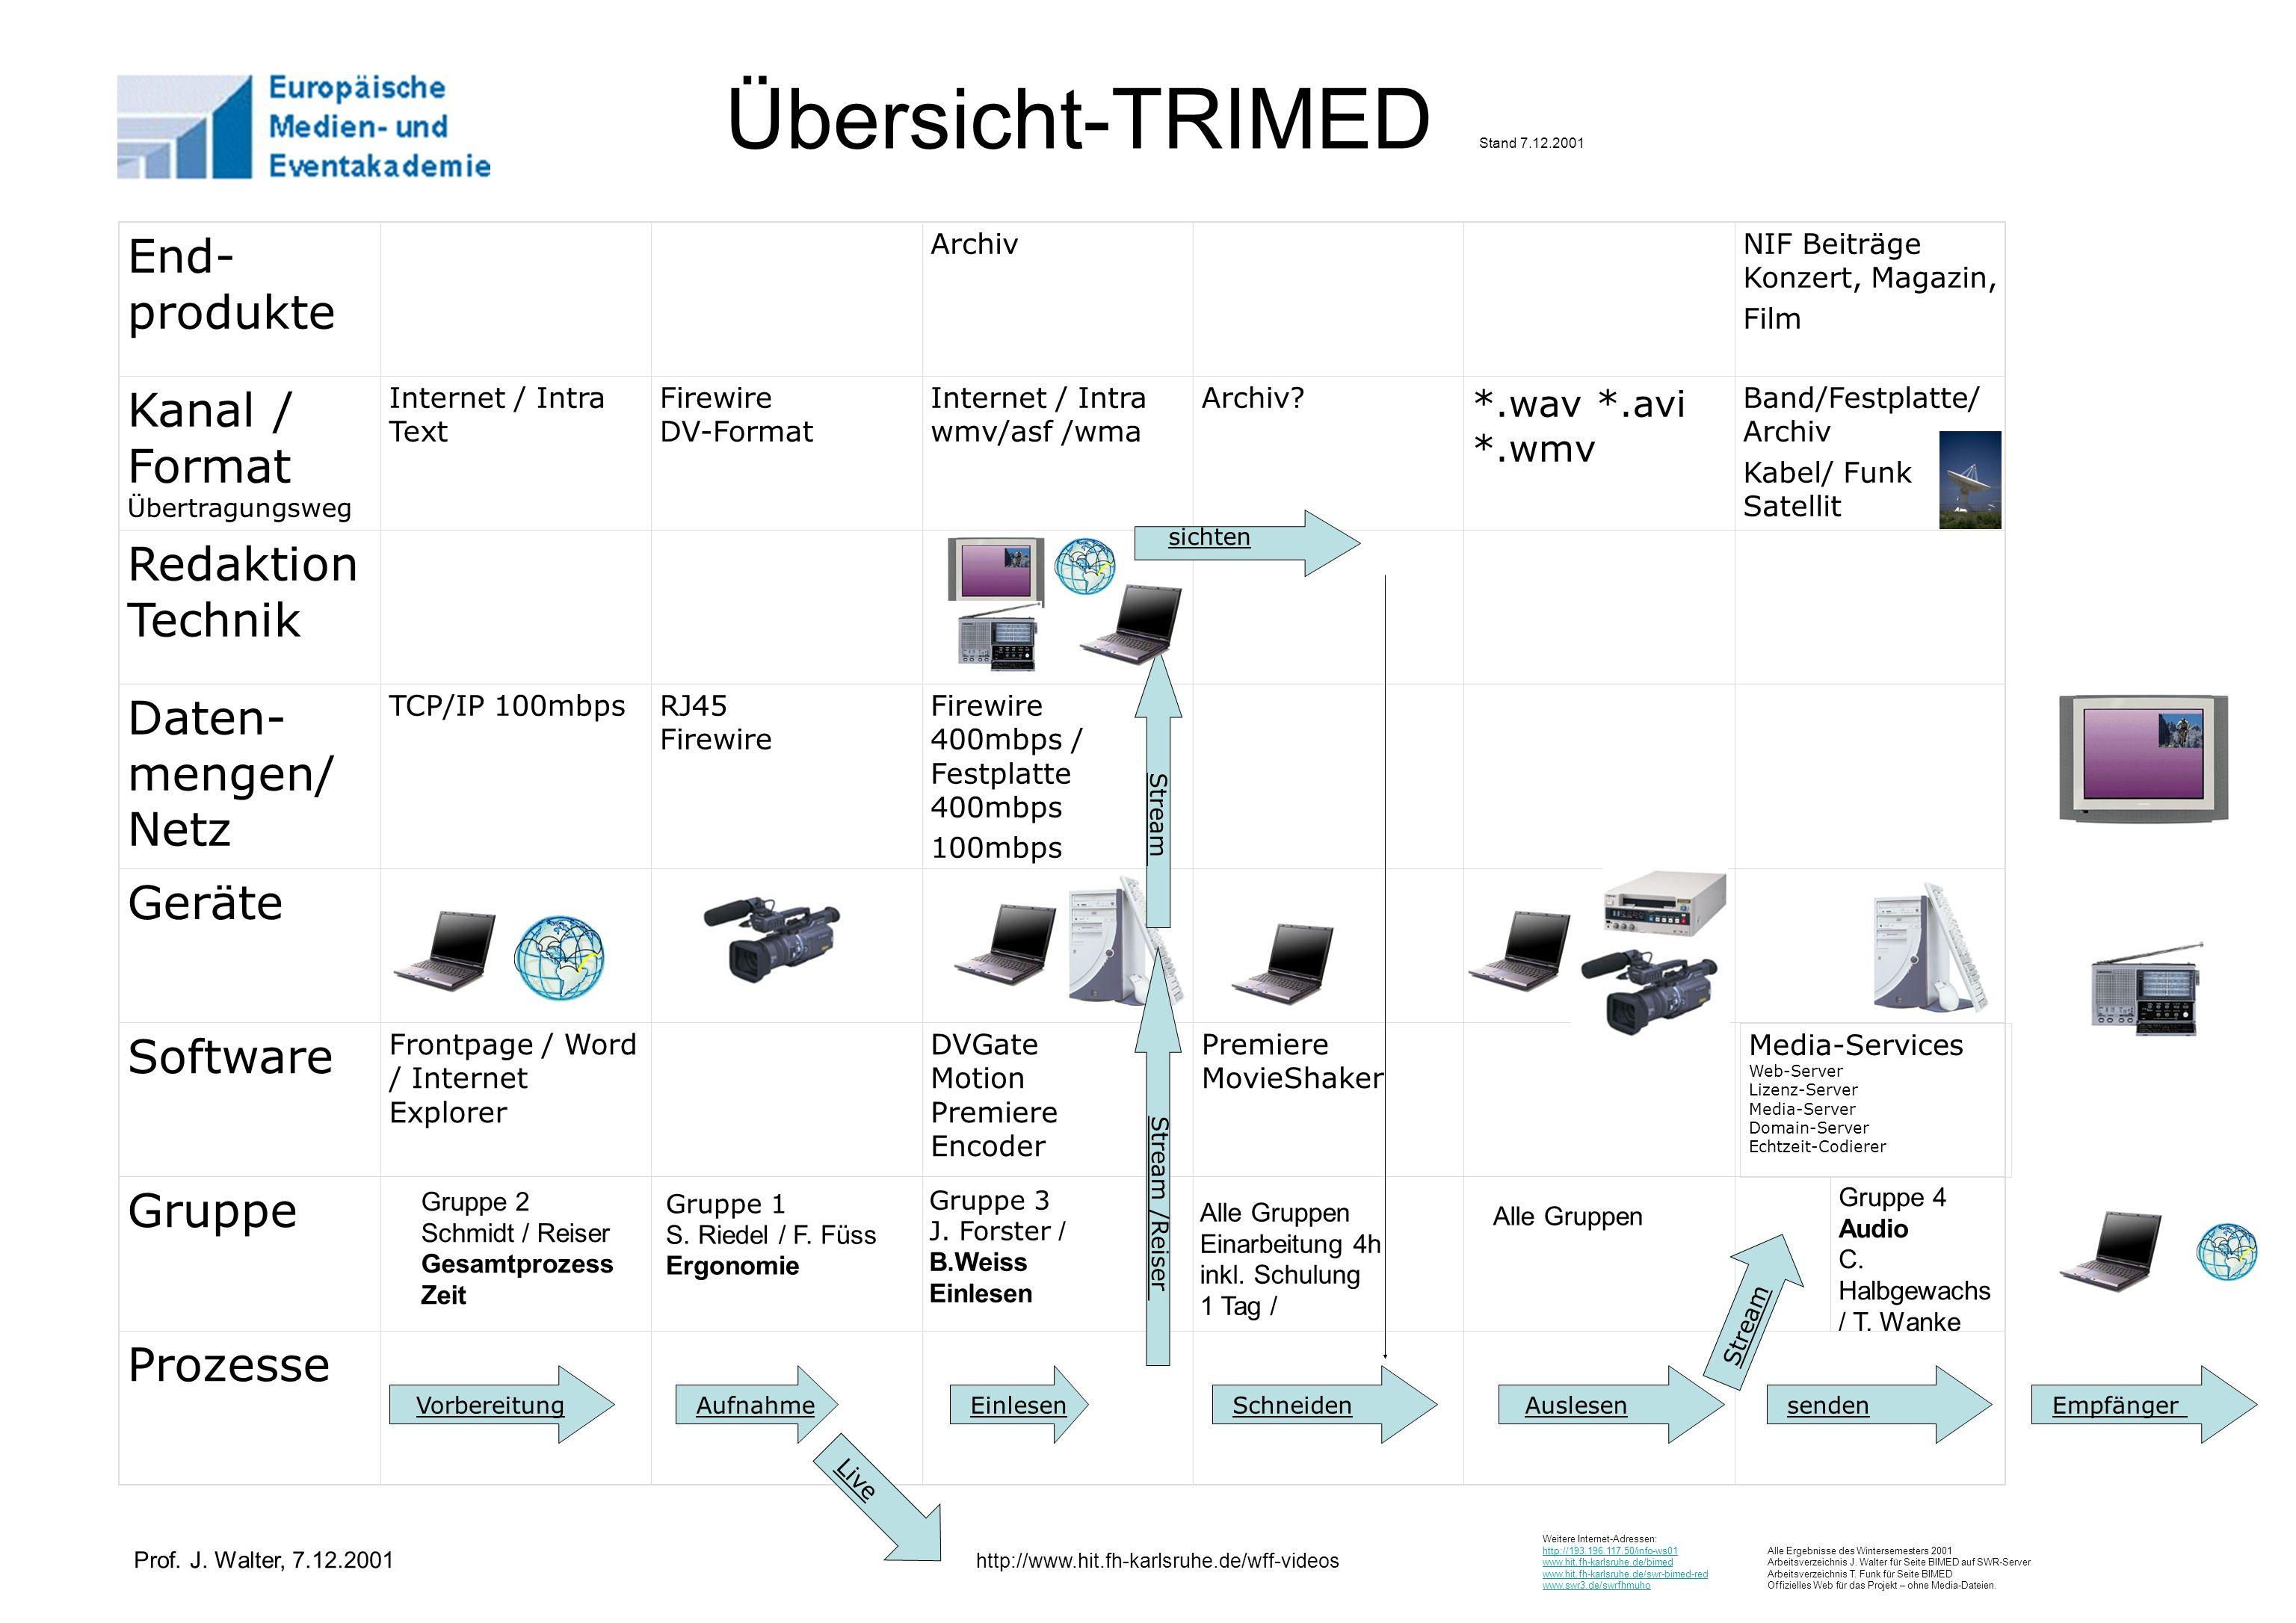 Übersicht-TRIMED Stand 7.12.2001 Prozesse Gruppe 4 Audio C. Halbgewachs / T. Wanke Gruppe 3 J. Forster / B.Weiss Einlesen Gruppe Premiere MovieShaker